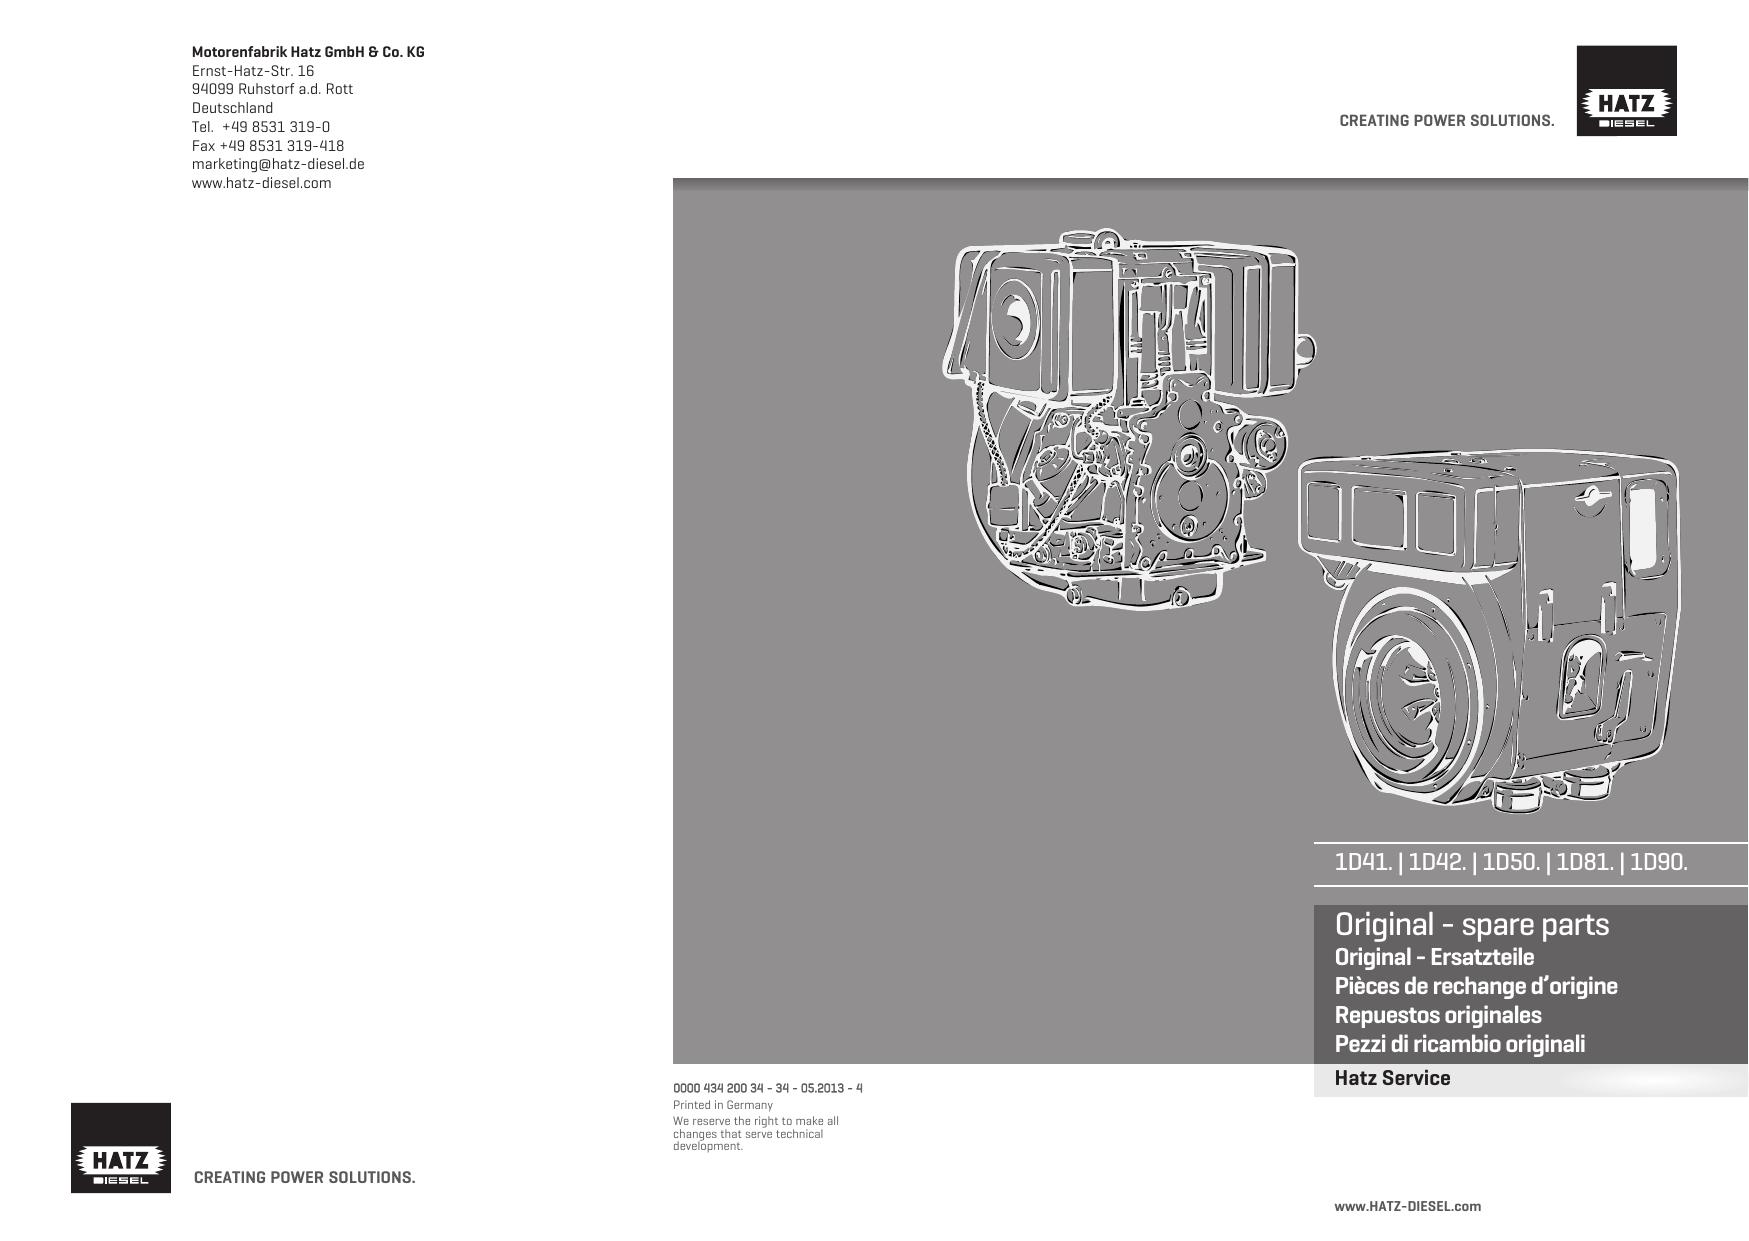 Original Spare Parts Hatz Engine Diagram